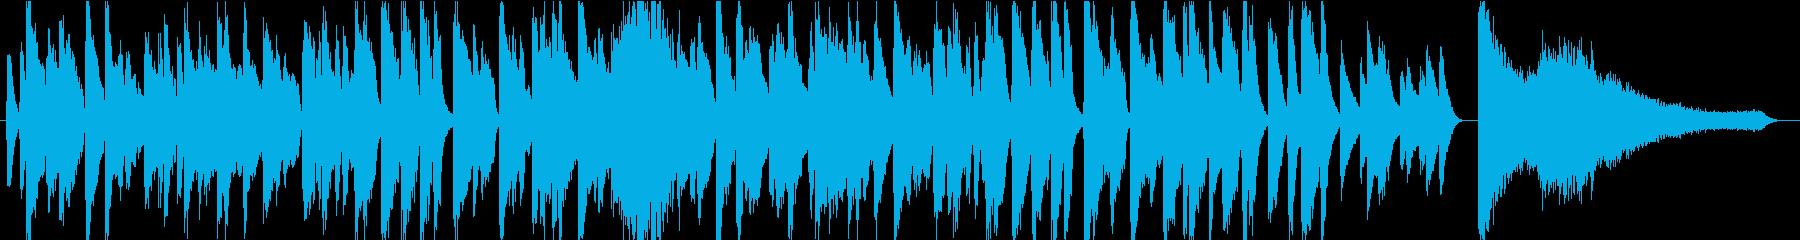 ハッピーバースデートゥーユー JAZZの再生済みの波形